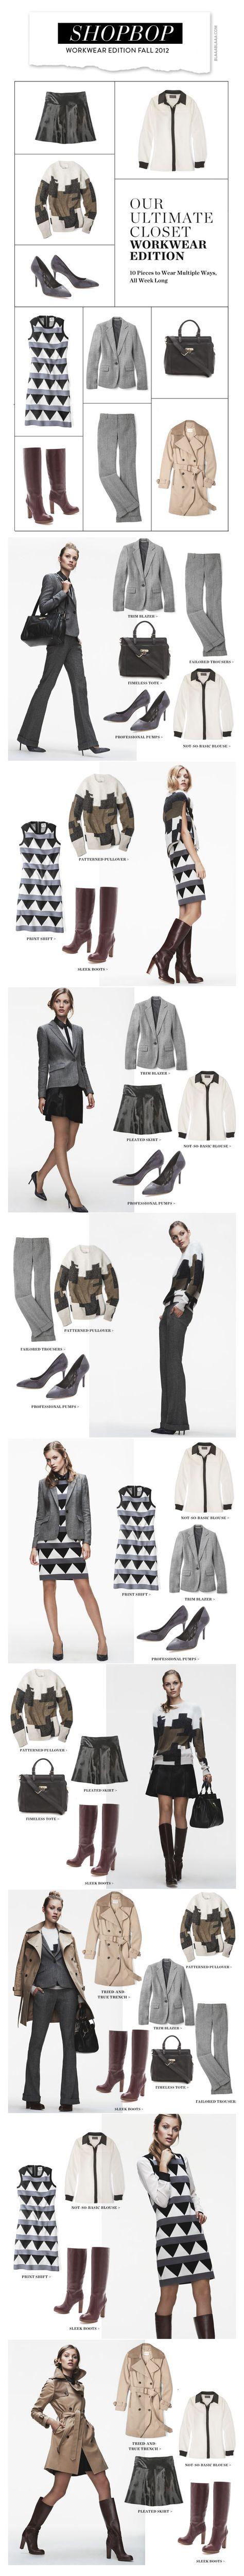 Shopbop Workwear Edition Fall 2012